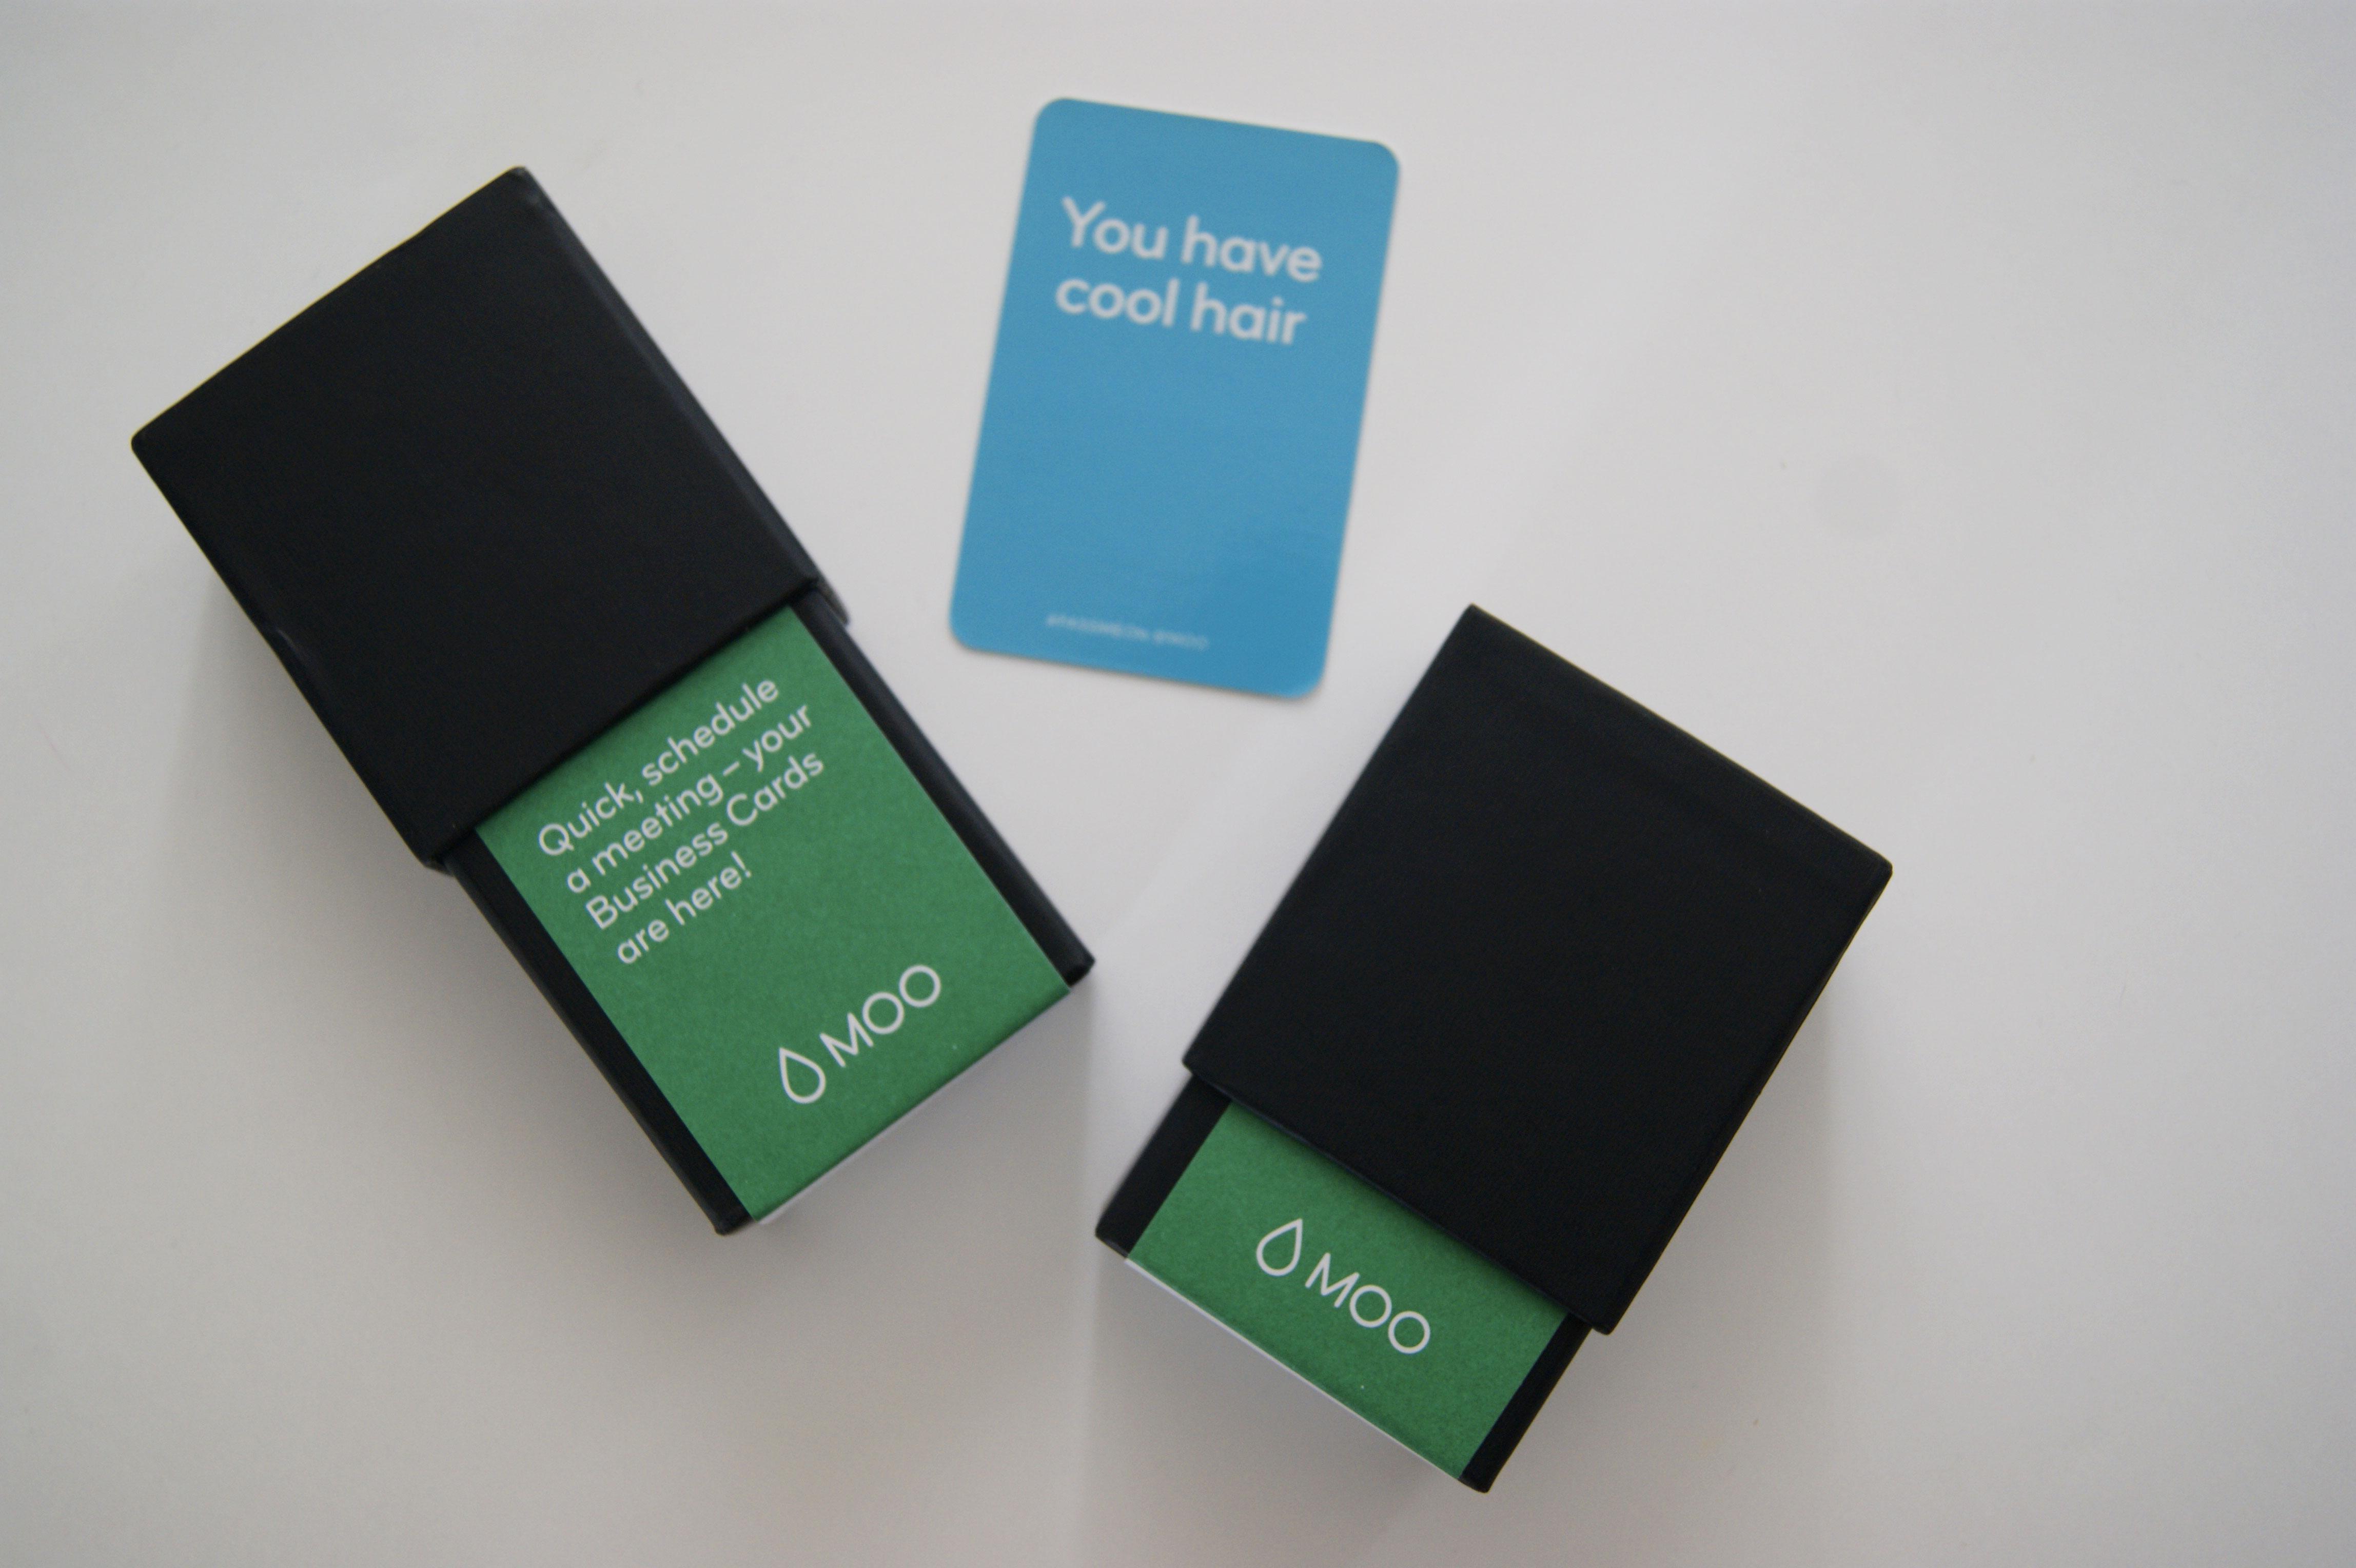 Cartes De Visite Moo